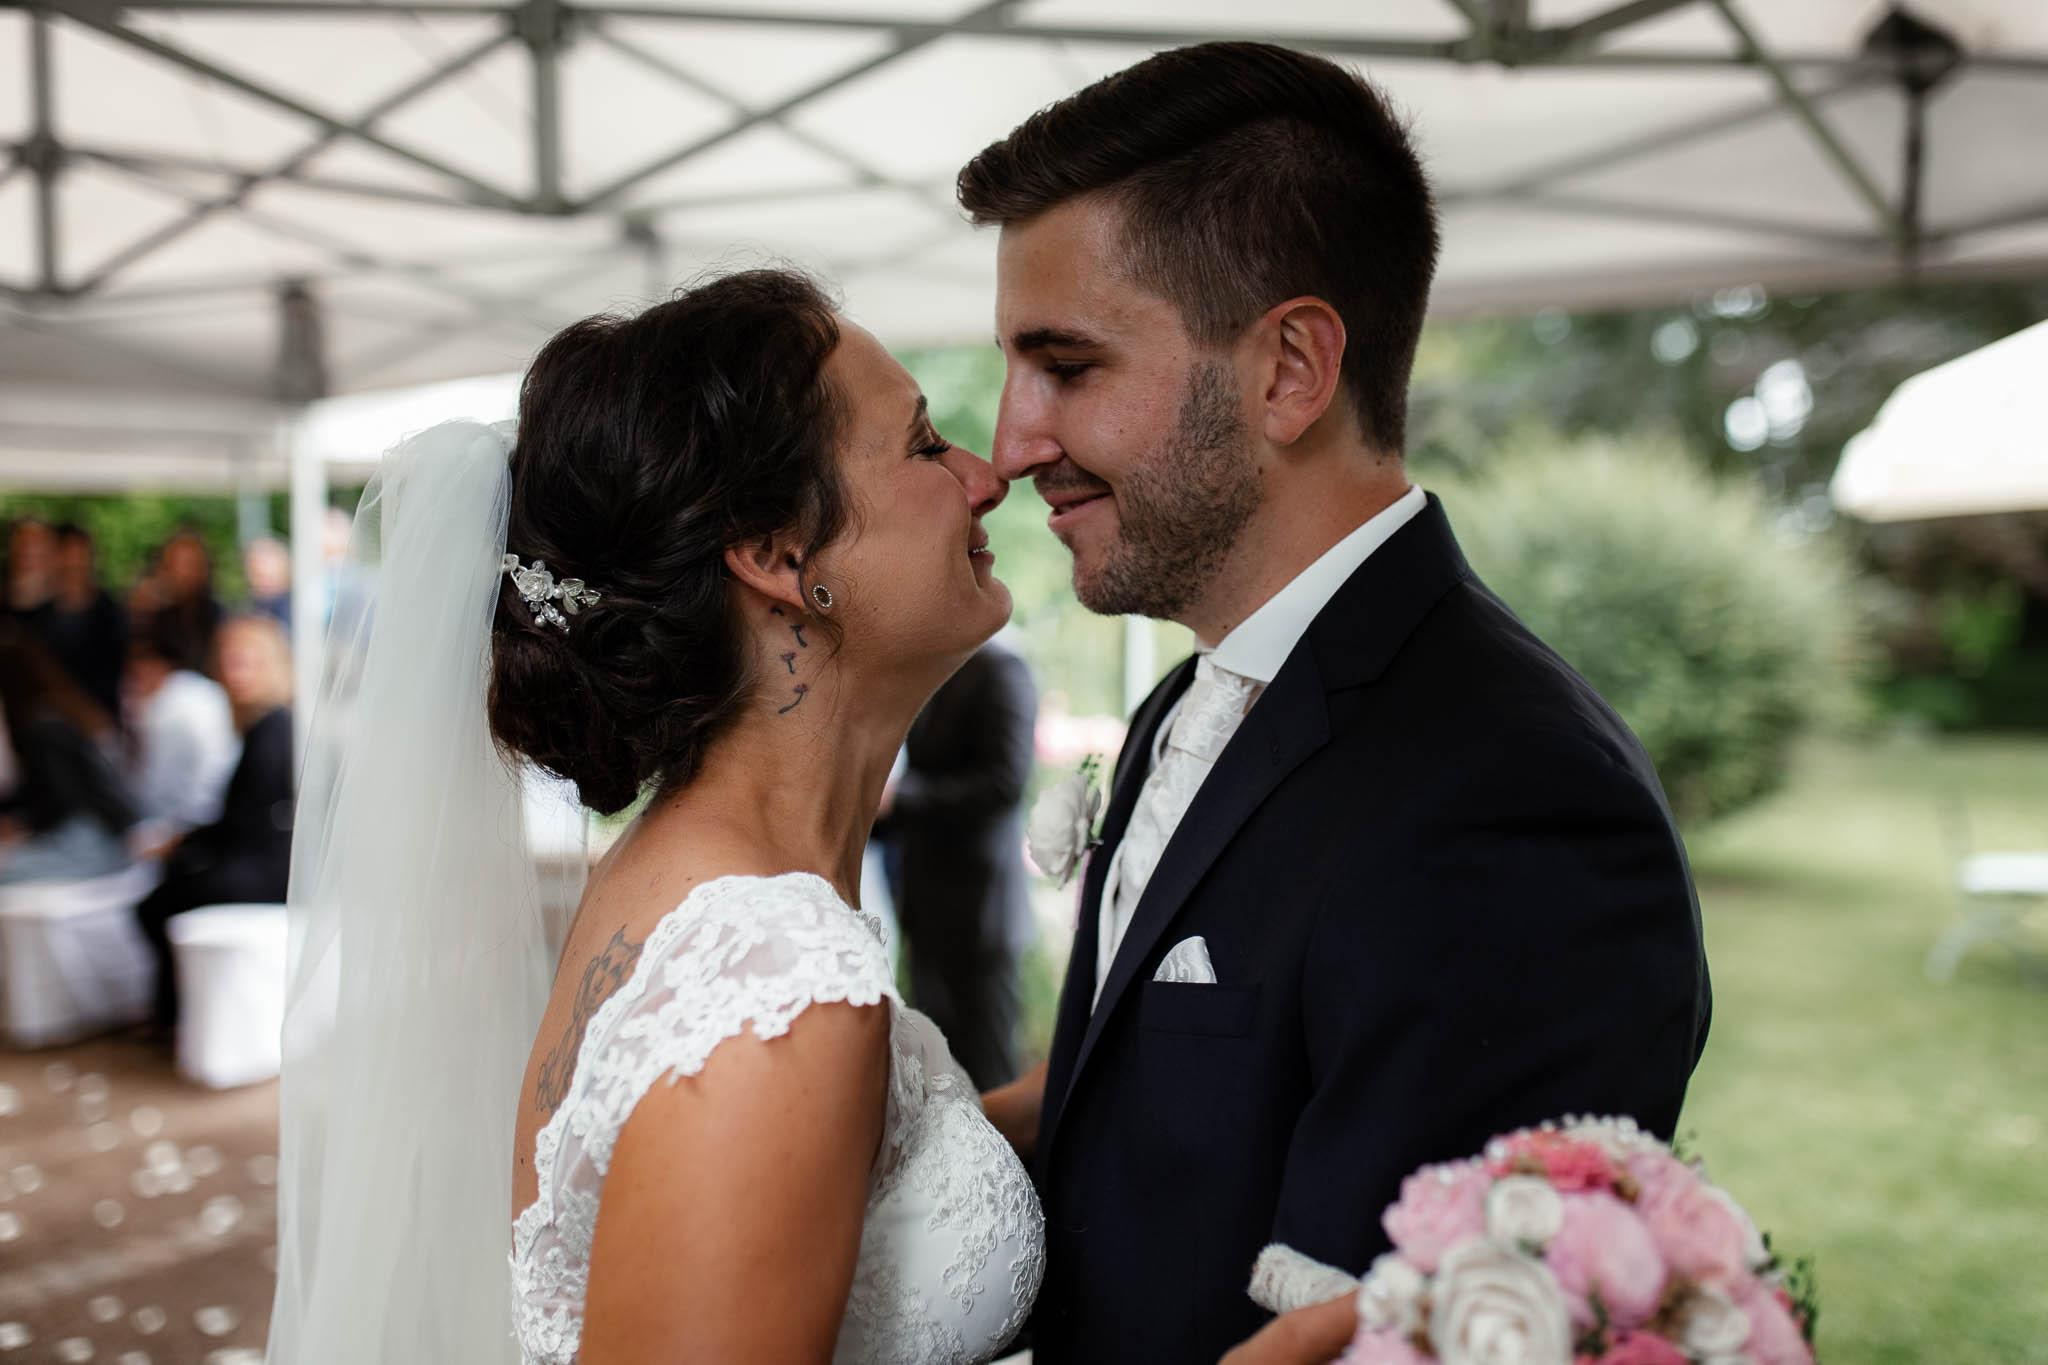 Hochzeitsfotograf Monzernheim: freie Trauung von Sarah & Patrick 36